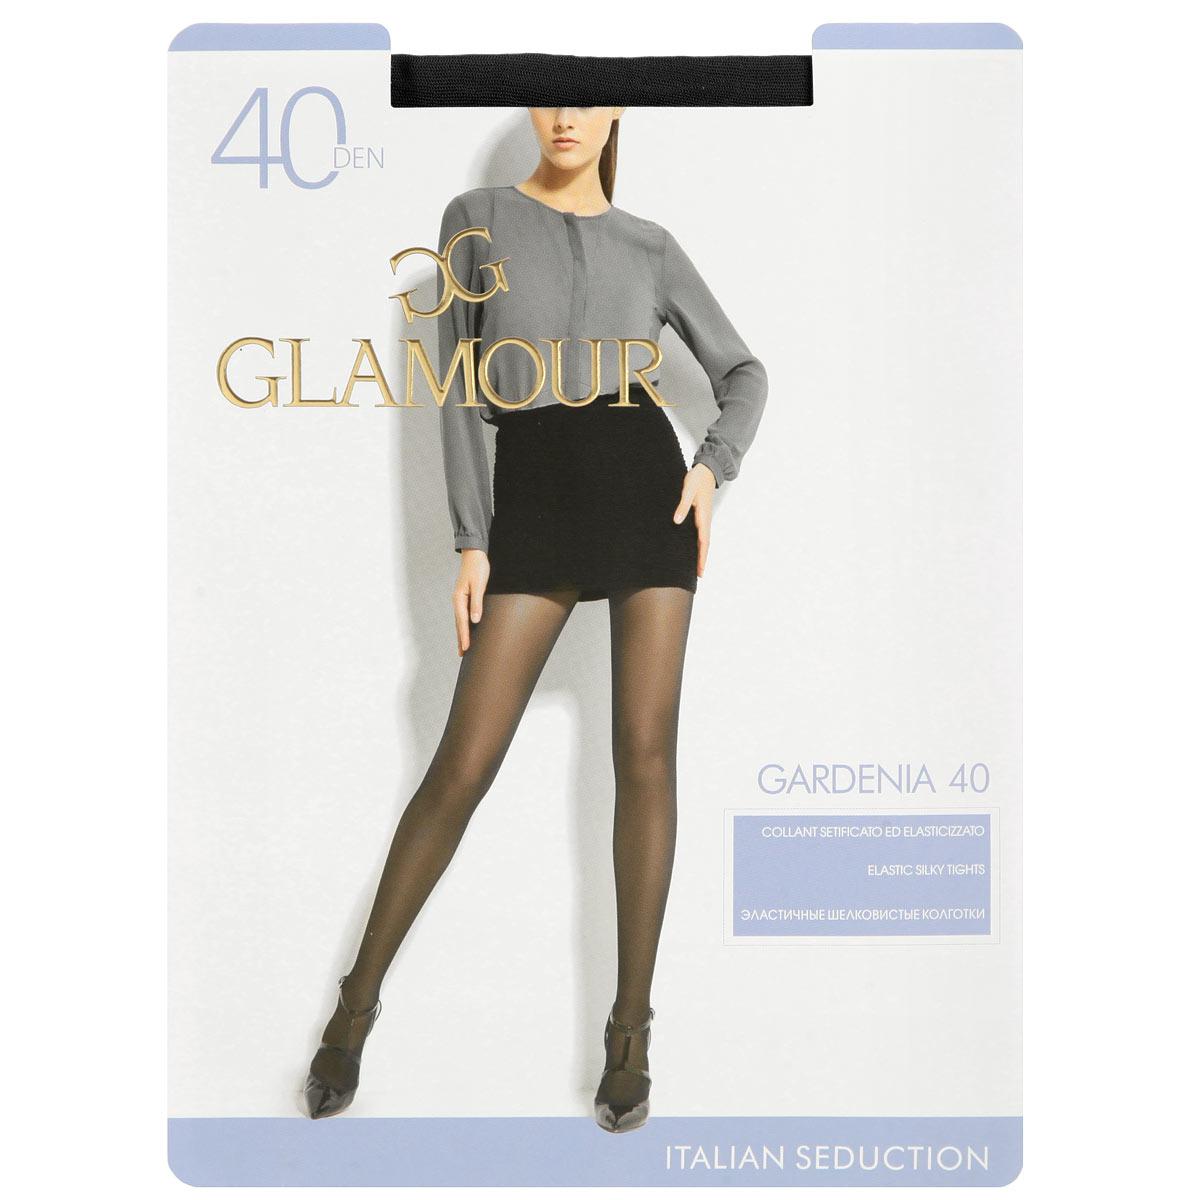 Колготки женские Glamour Gardenia 40, цвет: Nero (черный). Размер 5 (XL)